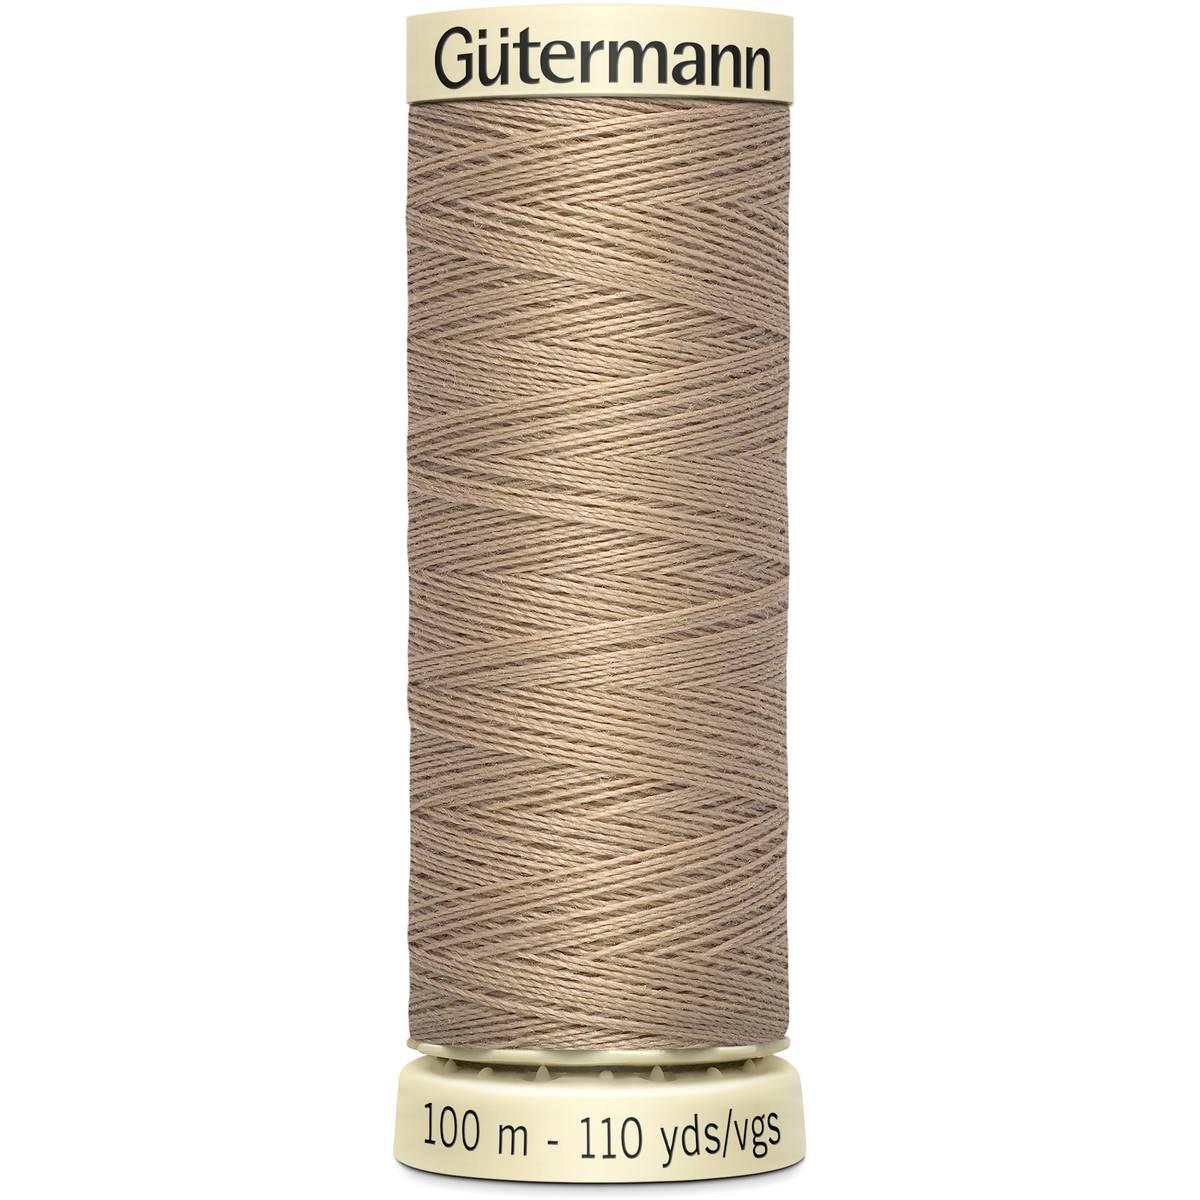 חוט תפירה גוטרמן - Brown 215